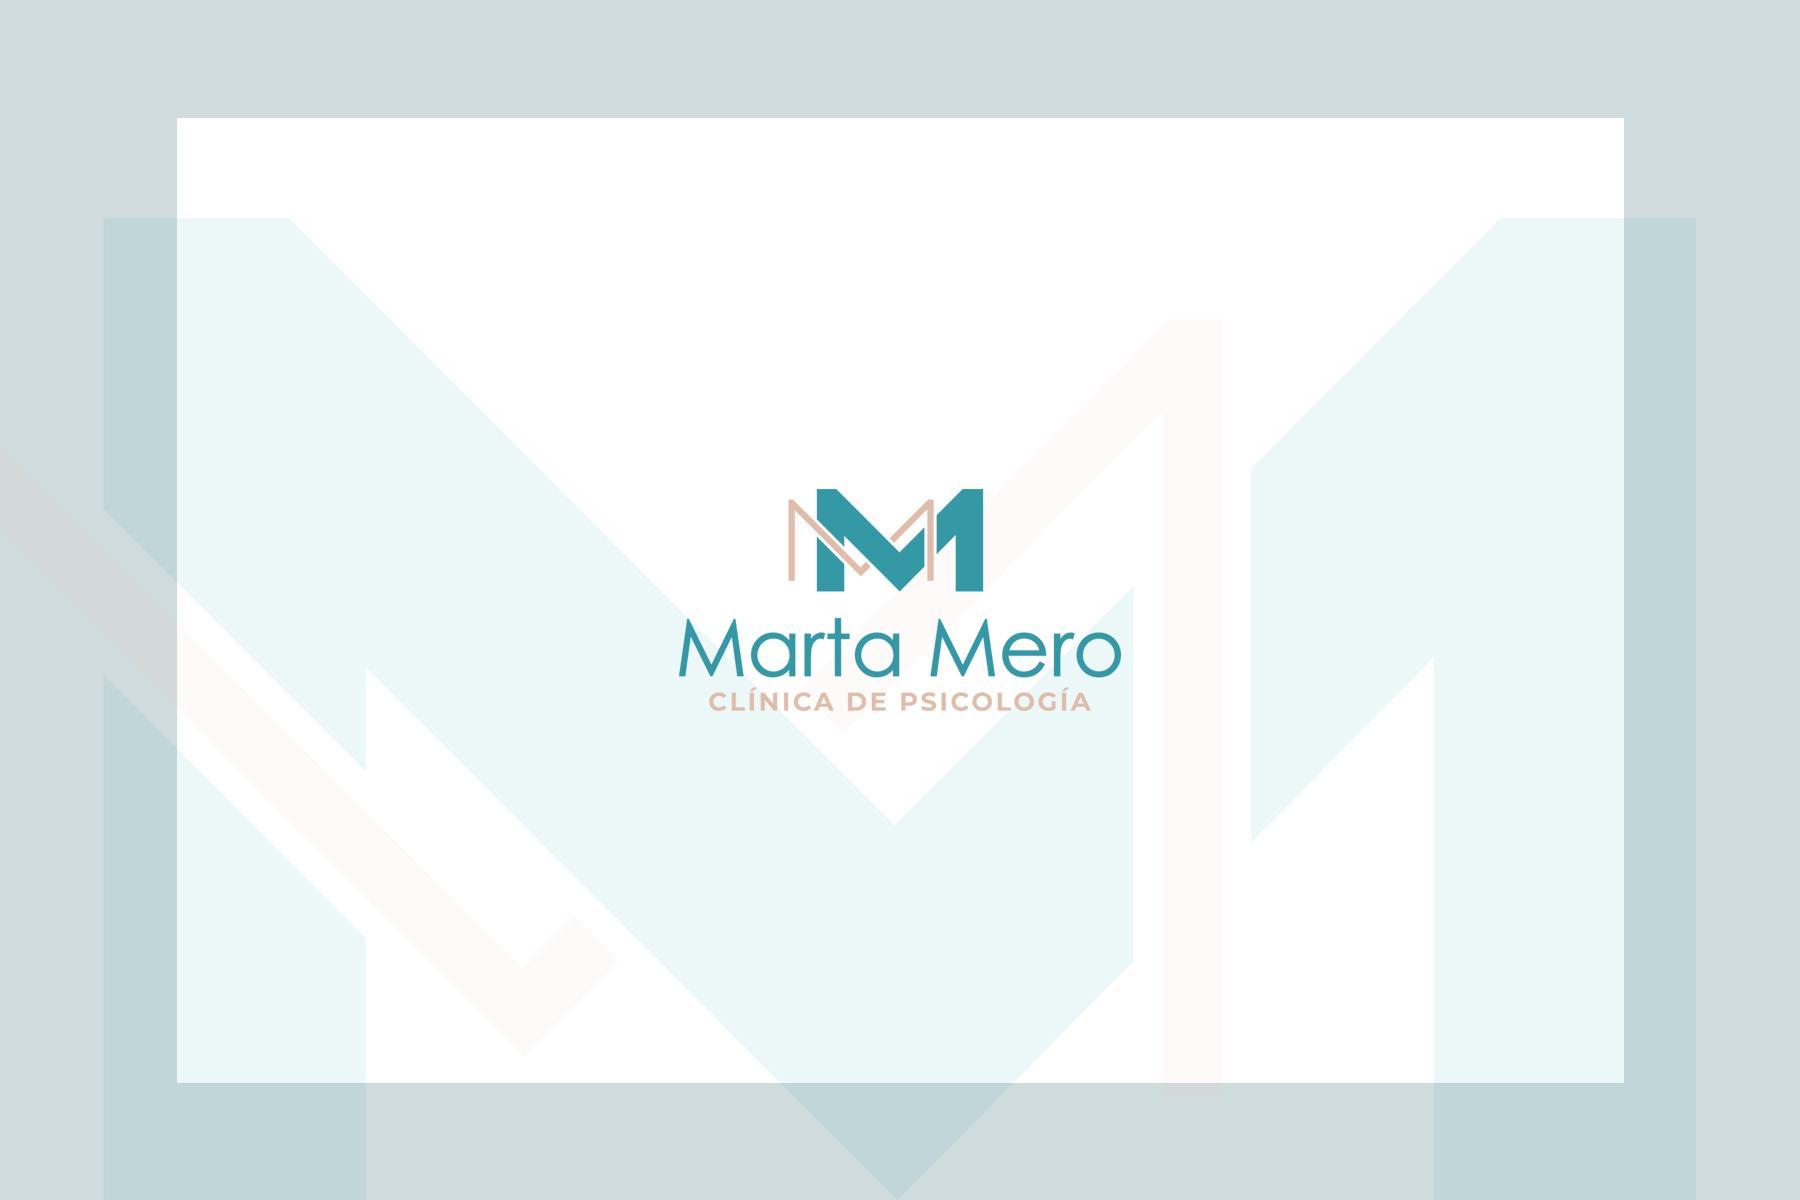 Logotipo Marta Mero